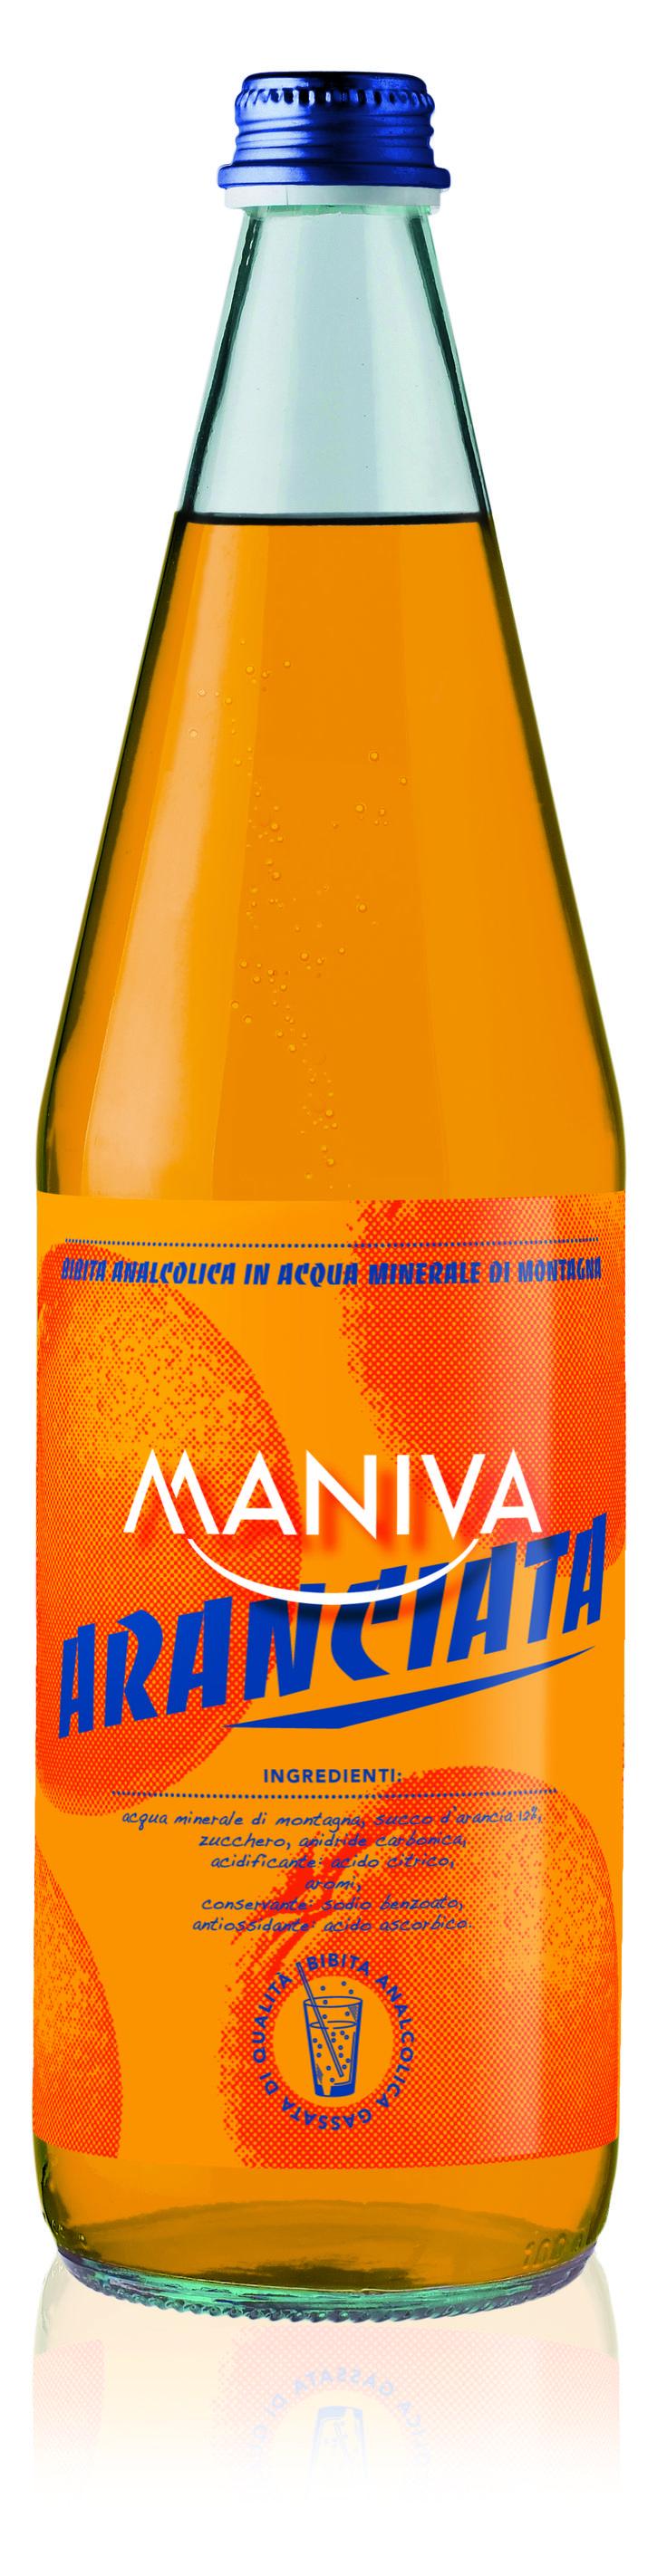 ARANCIATA MANIVA Bibita analcolica frizzante, di alta qualità garantita anche dalla leggera acqua minerale di montagna di cui è composta